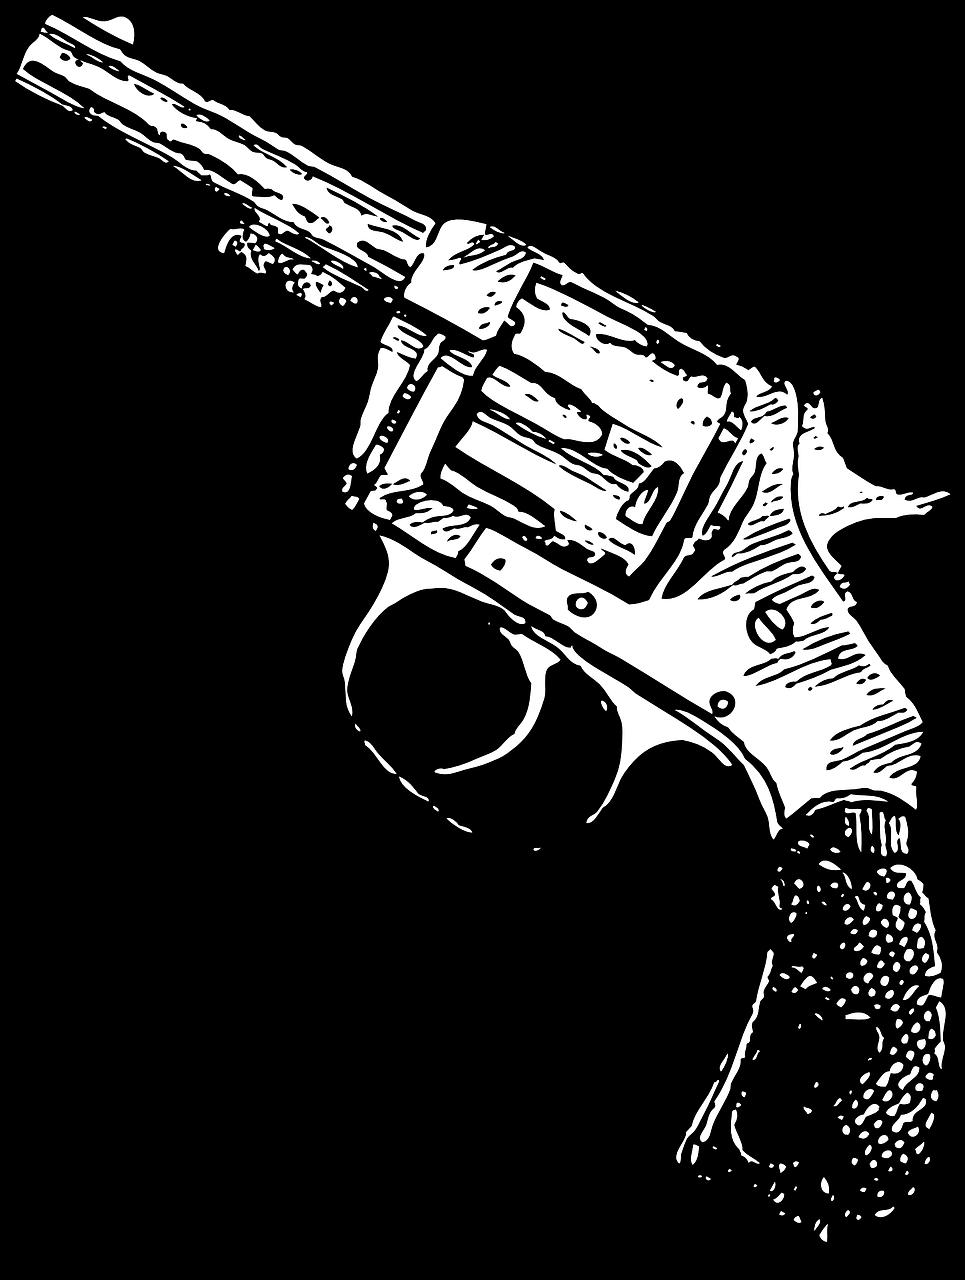 Pistol clipart cowboy, Pistol cowboy Transparent FREE for.